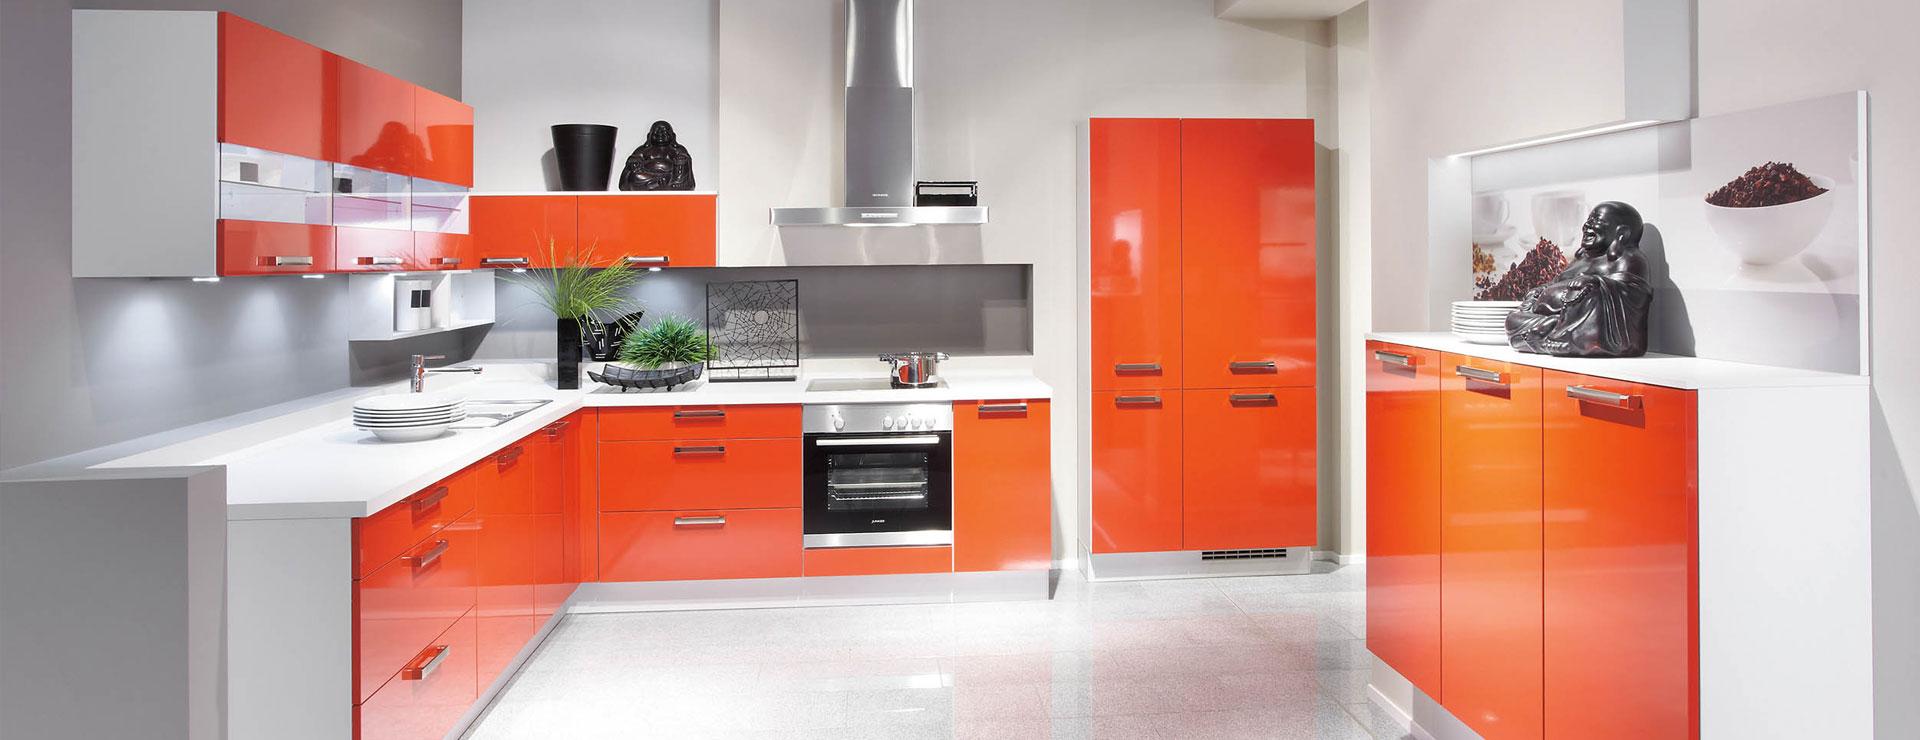 industrielle fertigung und auslieferung verarbeitende industrie gro handel in ludenscheid. Black Bedroom Furniture Sets. Home Design Ideas